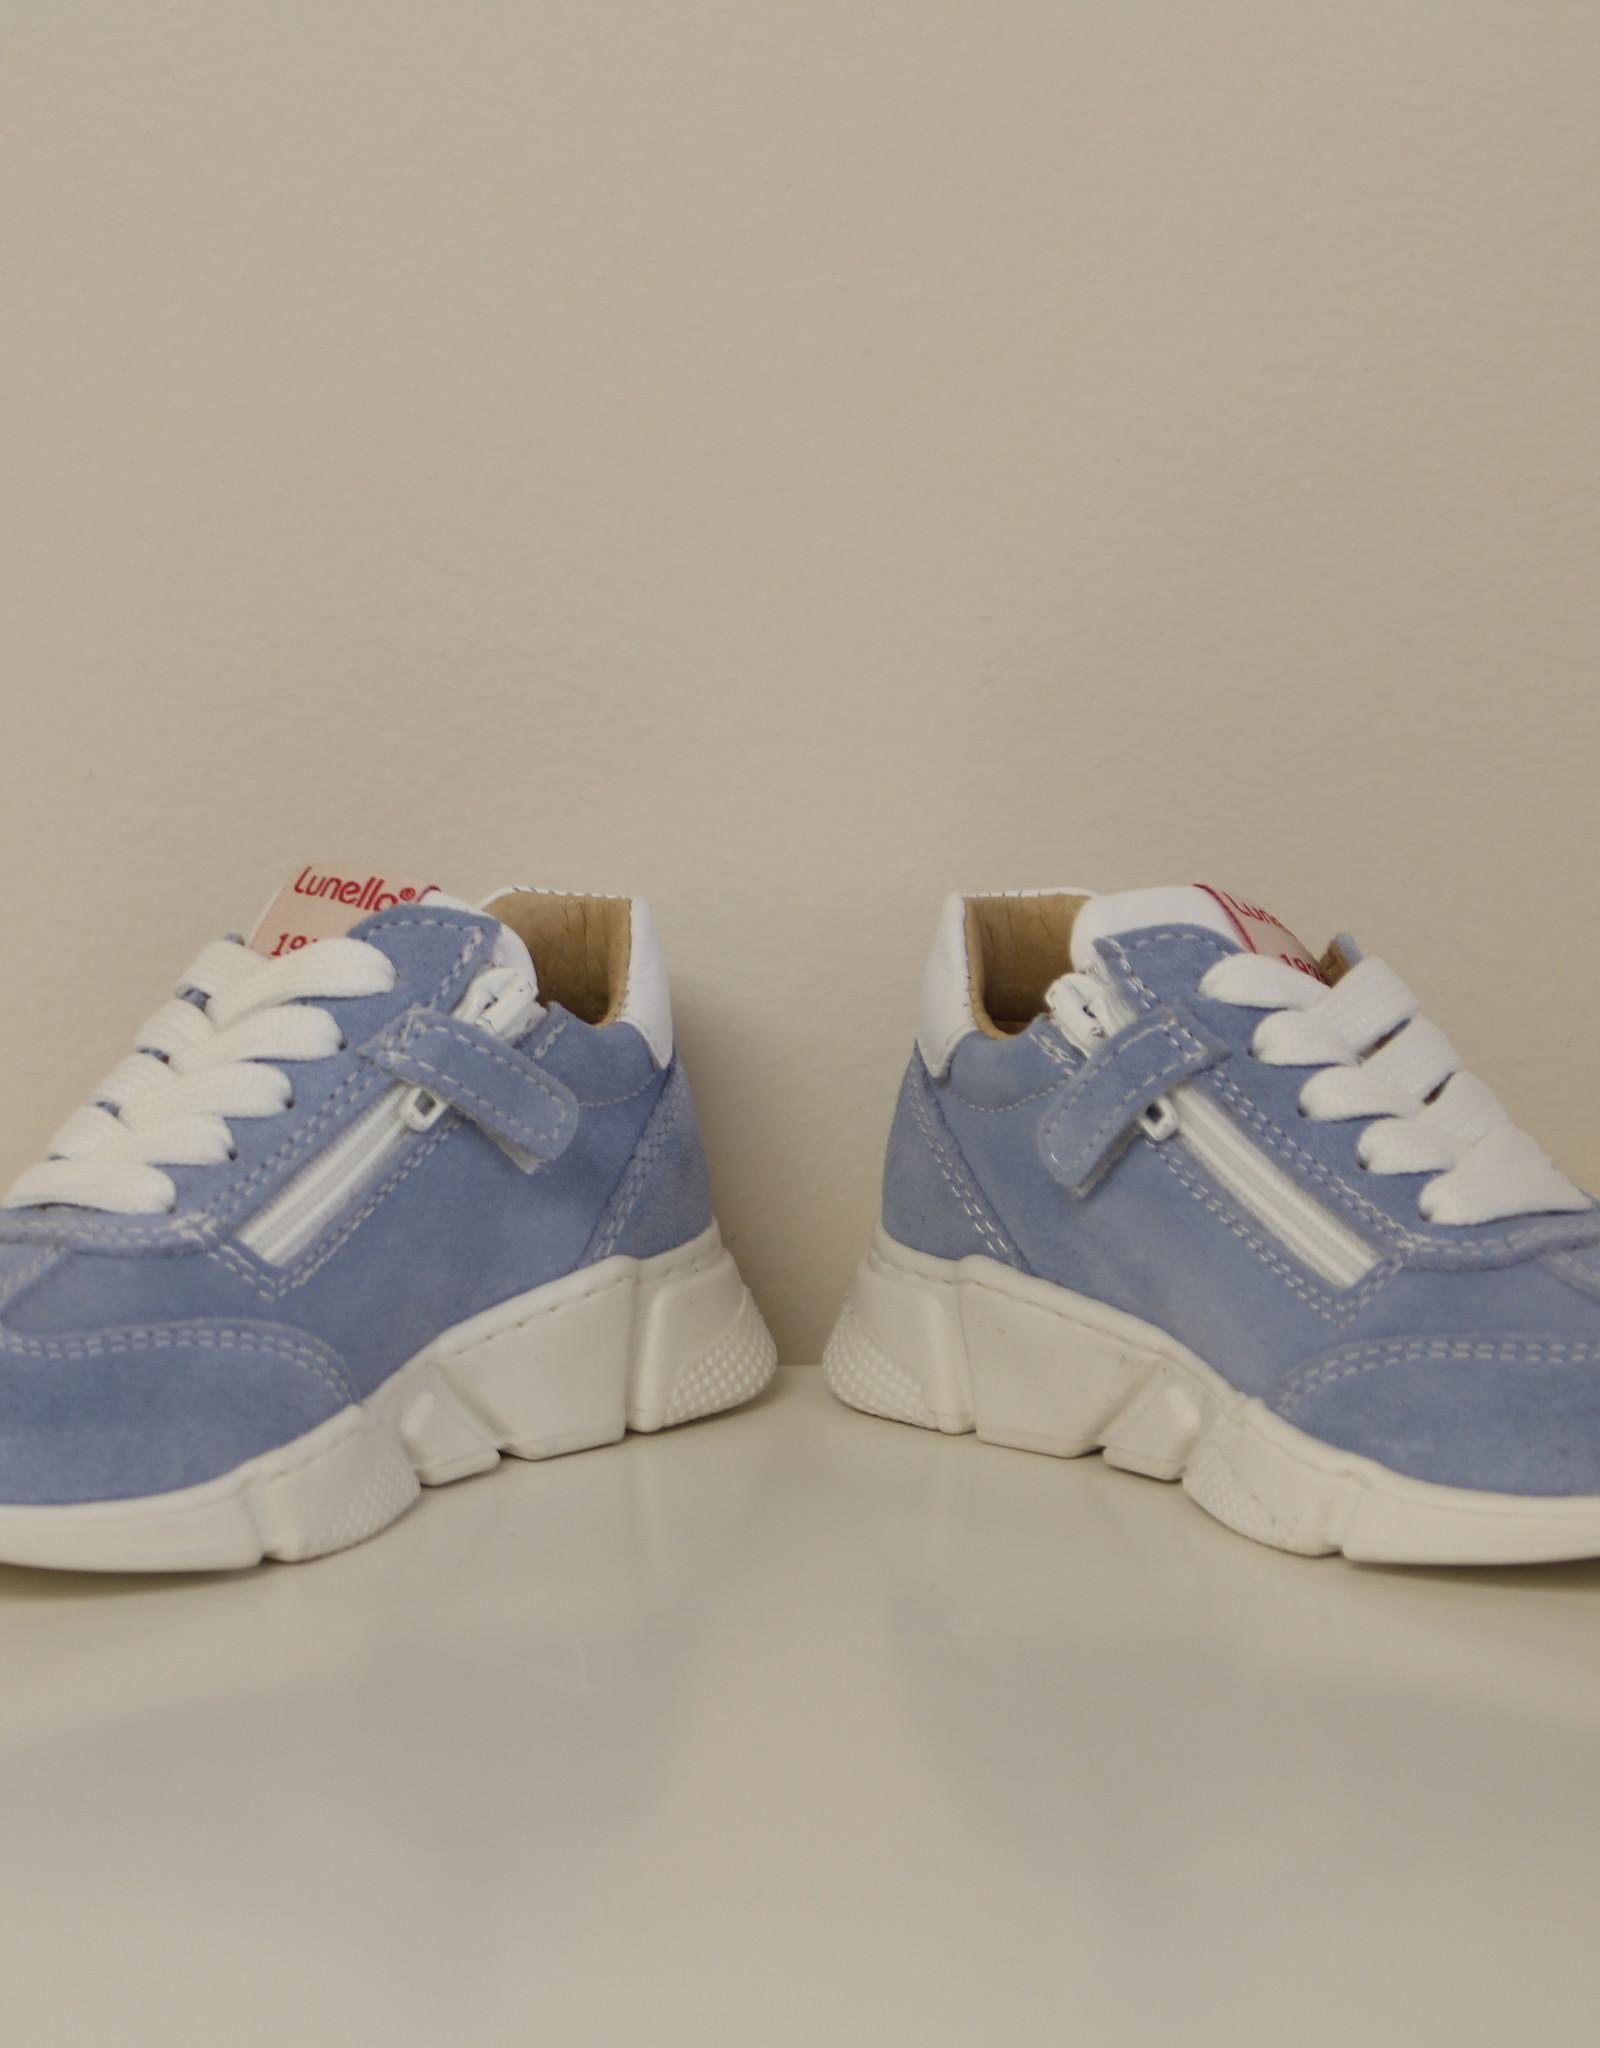 Lunella 207 sneaker pastel